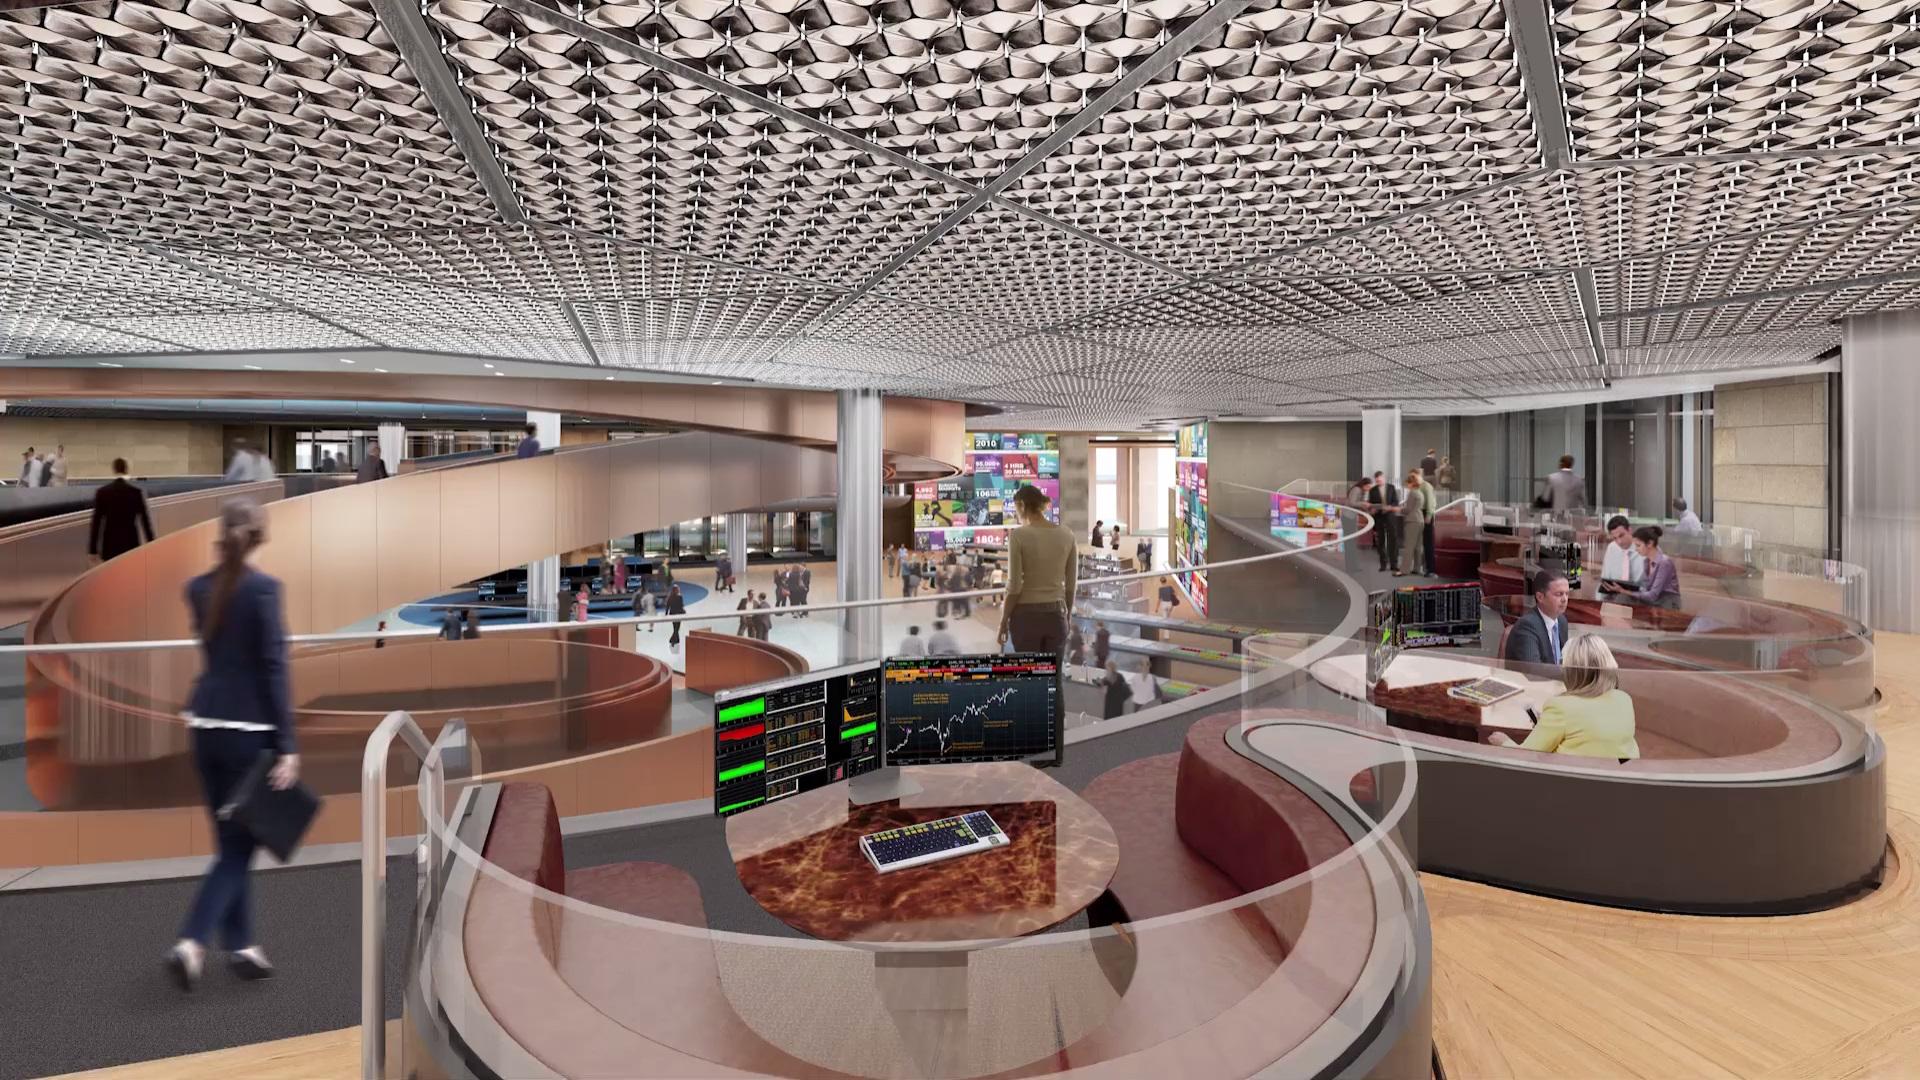 В основе концепций офиса, по словам основателя Bloomberg Майкла Р. Блумберга, лежат принципы открытости и кооперации, нашедшие выражение в огромных открытых безбарьерных пространствах